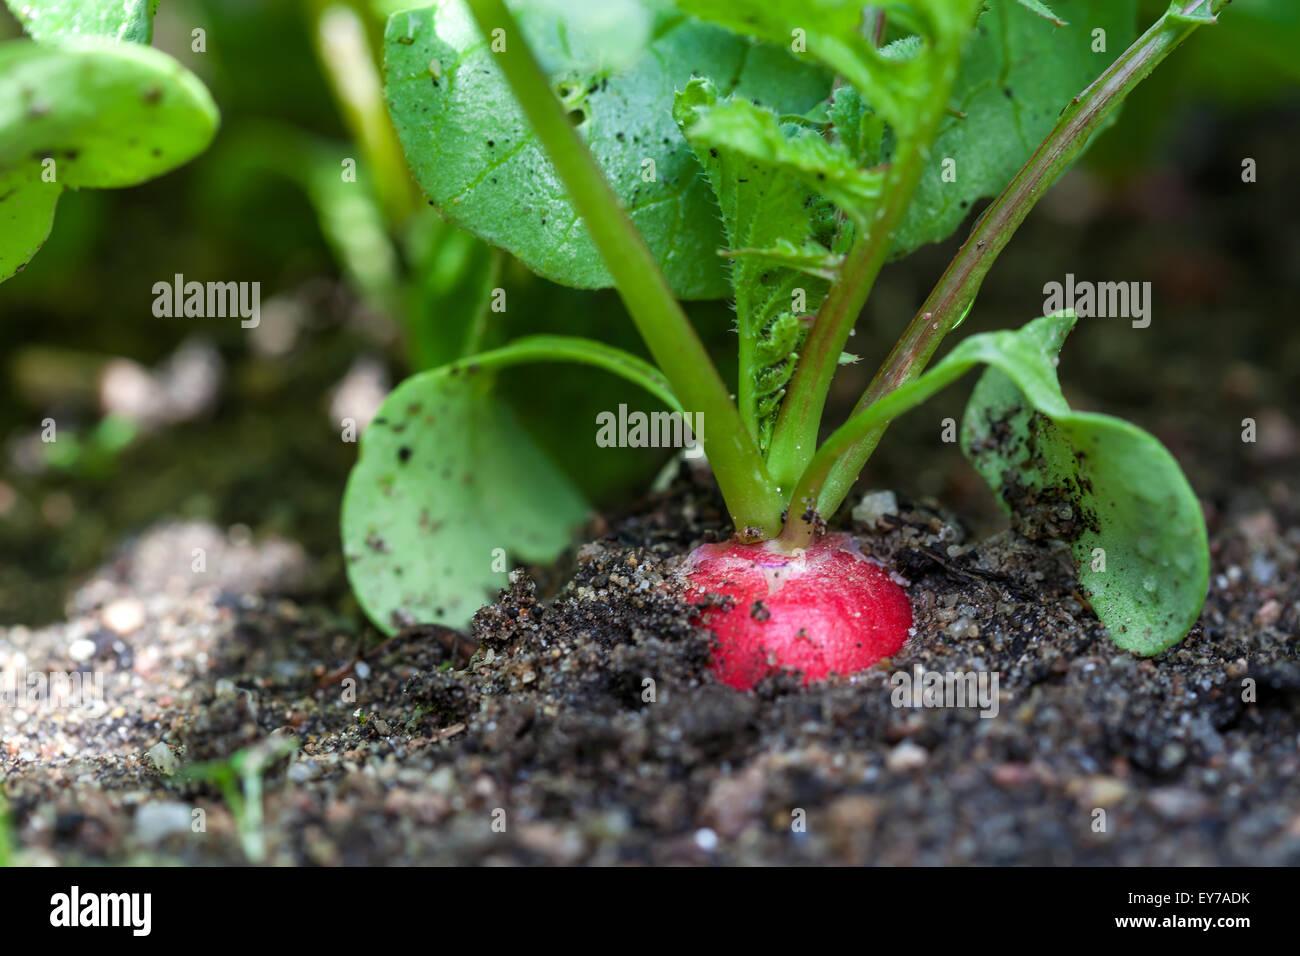 Reife Rote Radieschen In Den Garten Nahaufnahme Stockfoto Bild